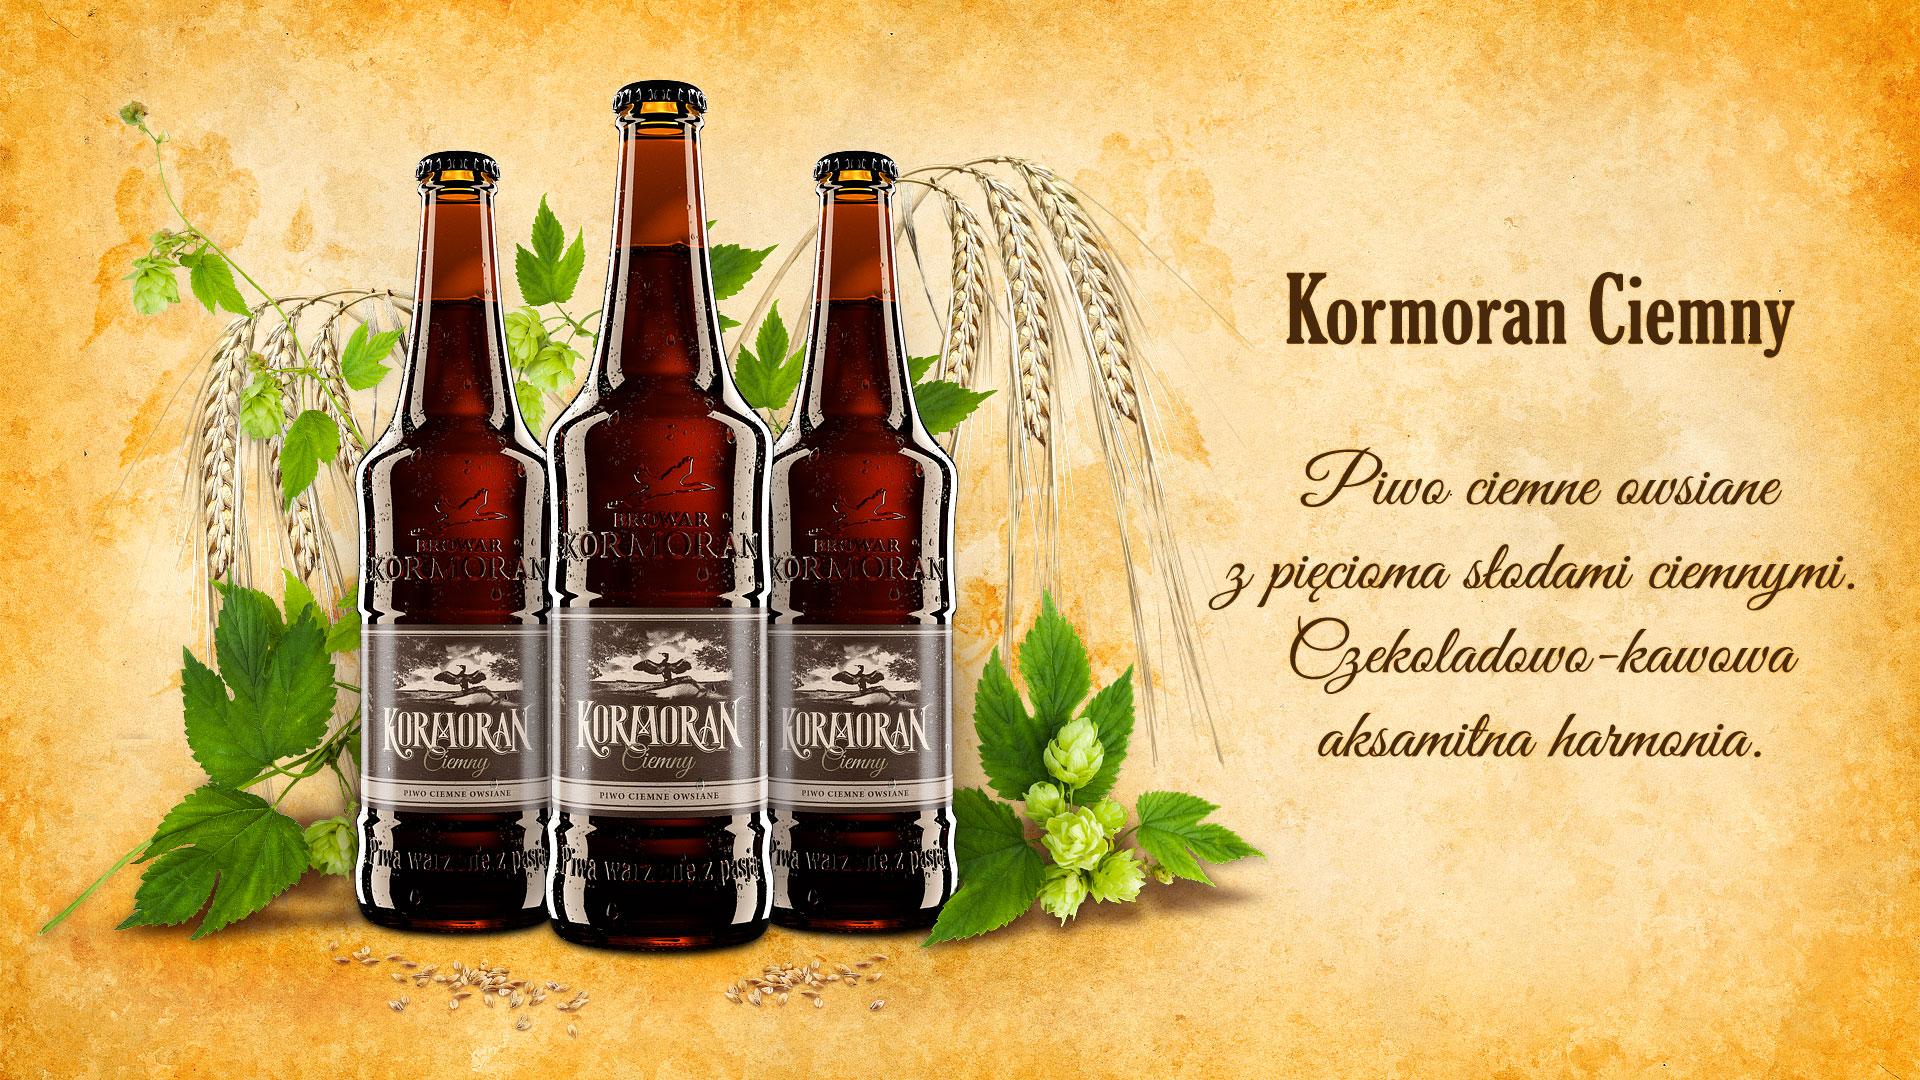 Piwo Kormoran Ciemny - Browar Kormoran